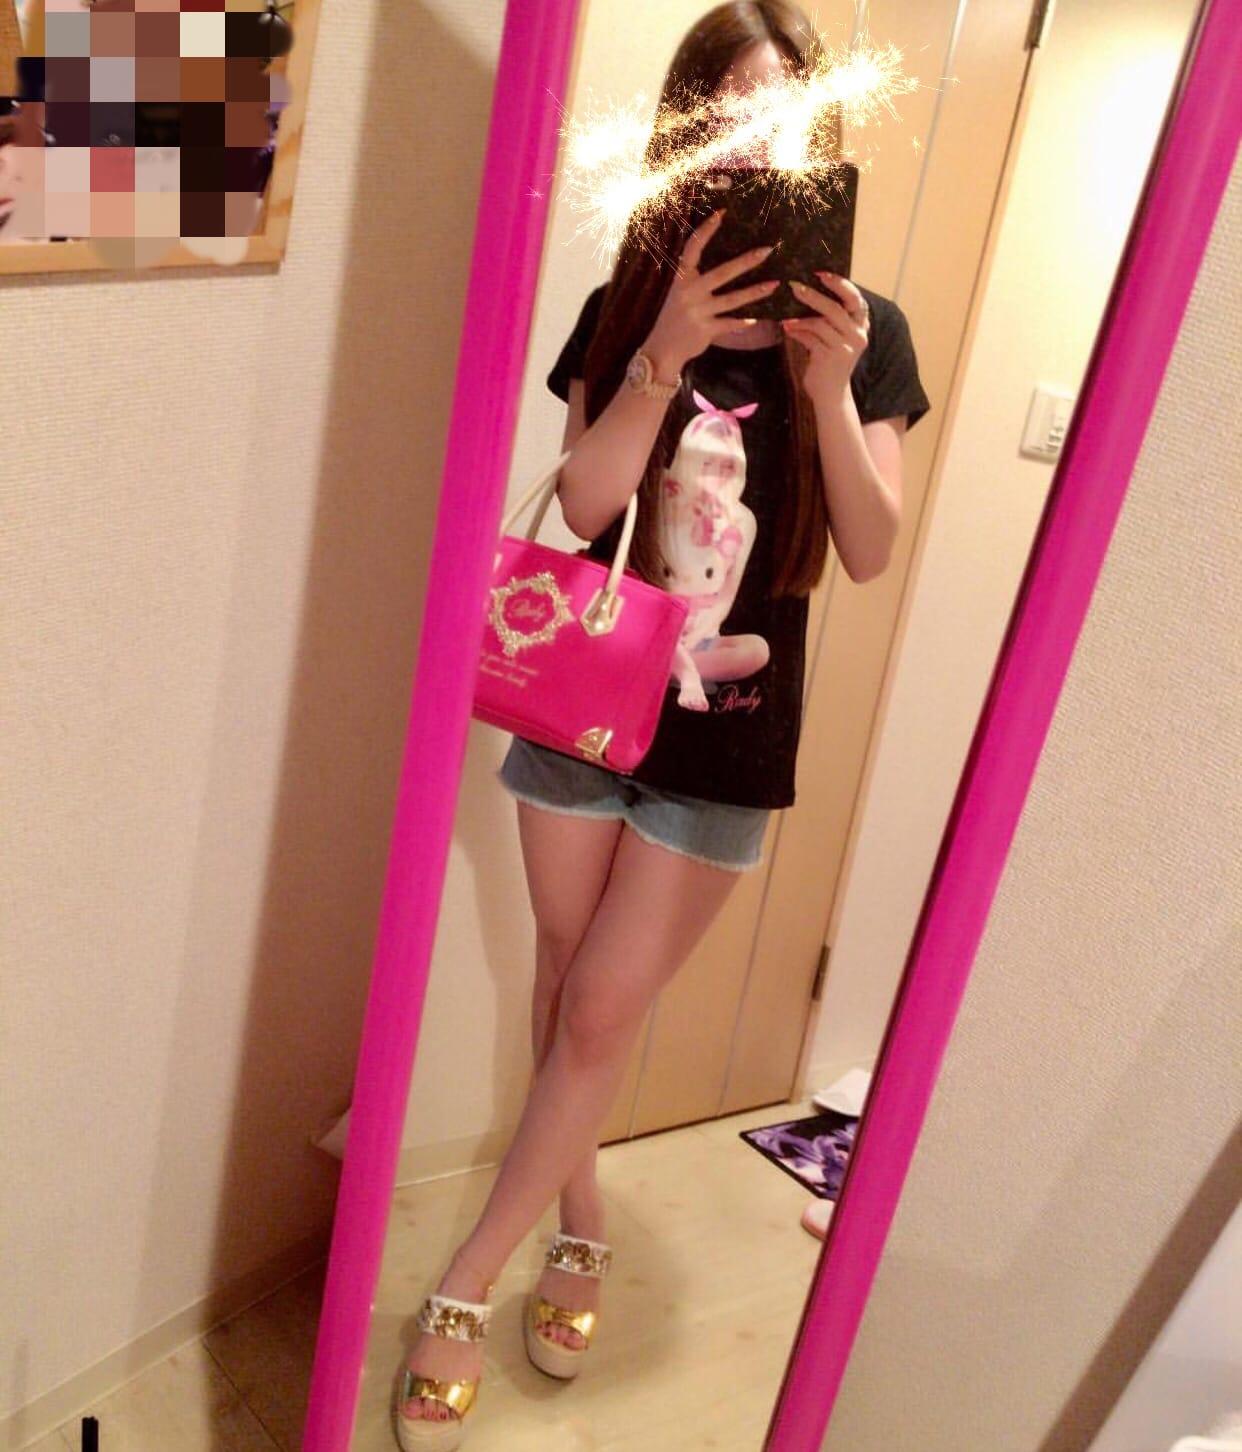 「待機☆」07/11(07/11) 13:42 | みみの写メ・風俗動画